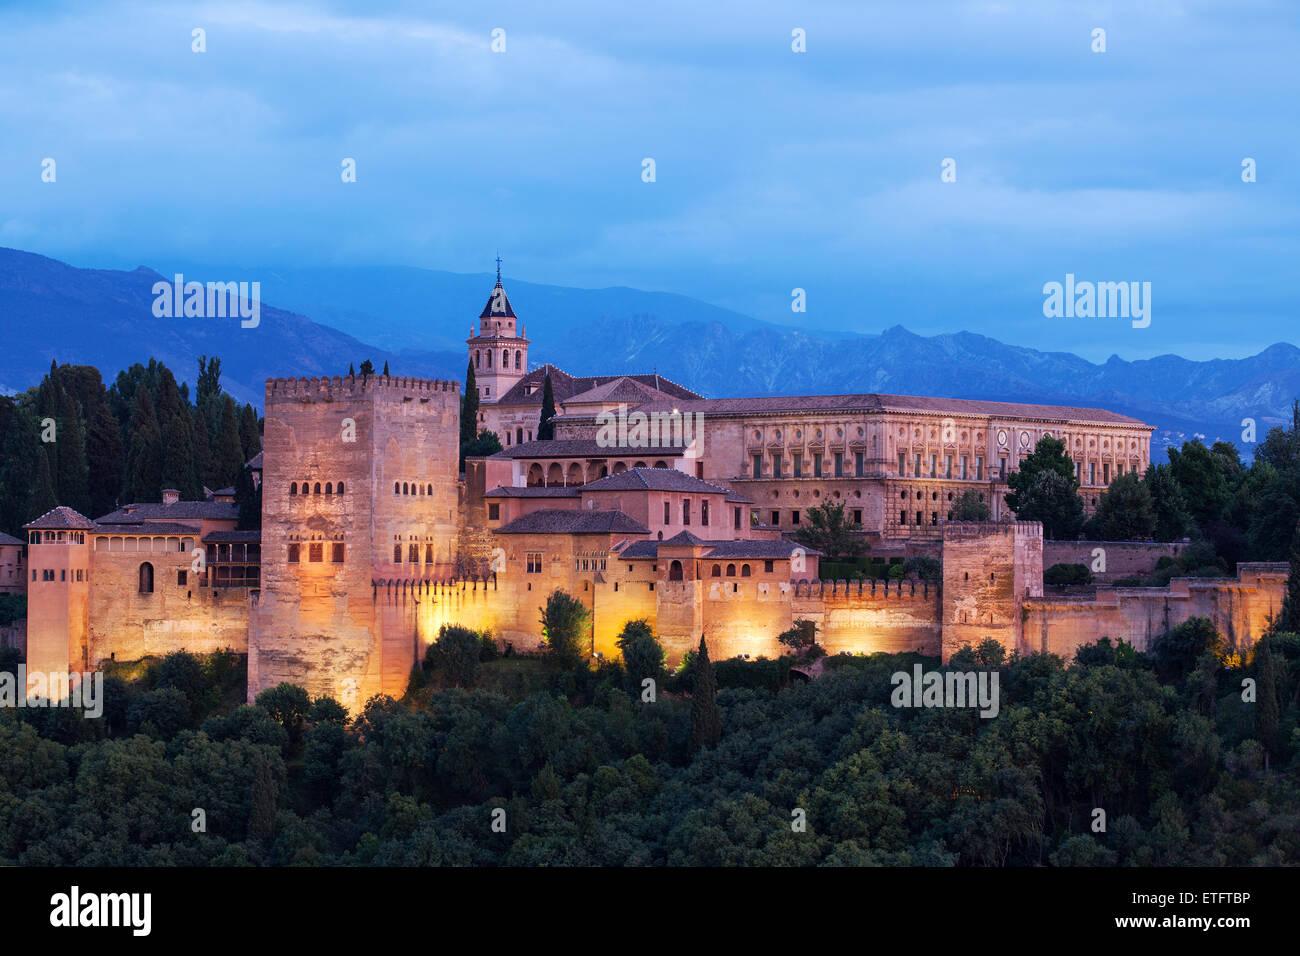 La Alhambra, el palacio árabe de Granada Andalucía España Imagen De Stock